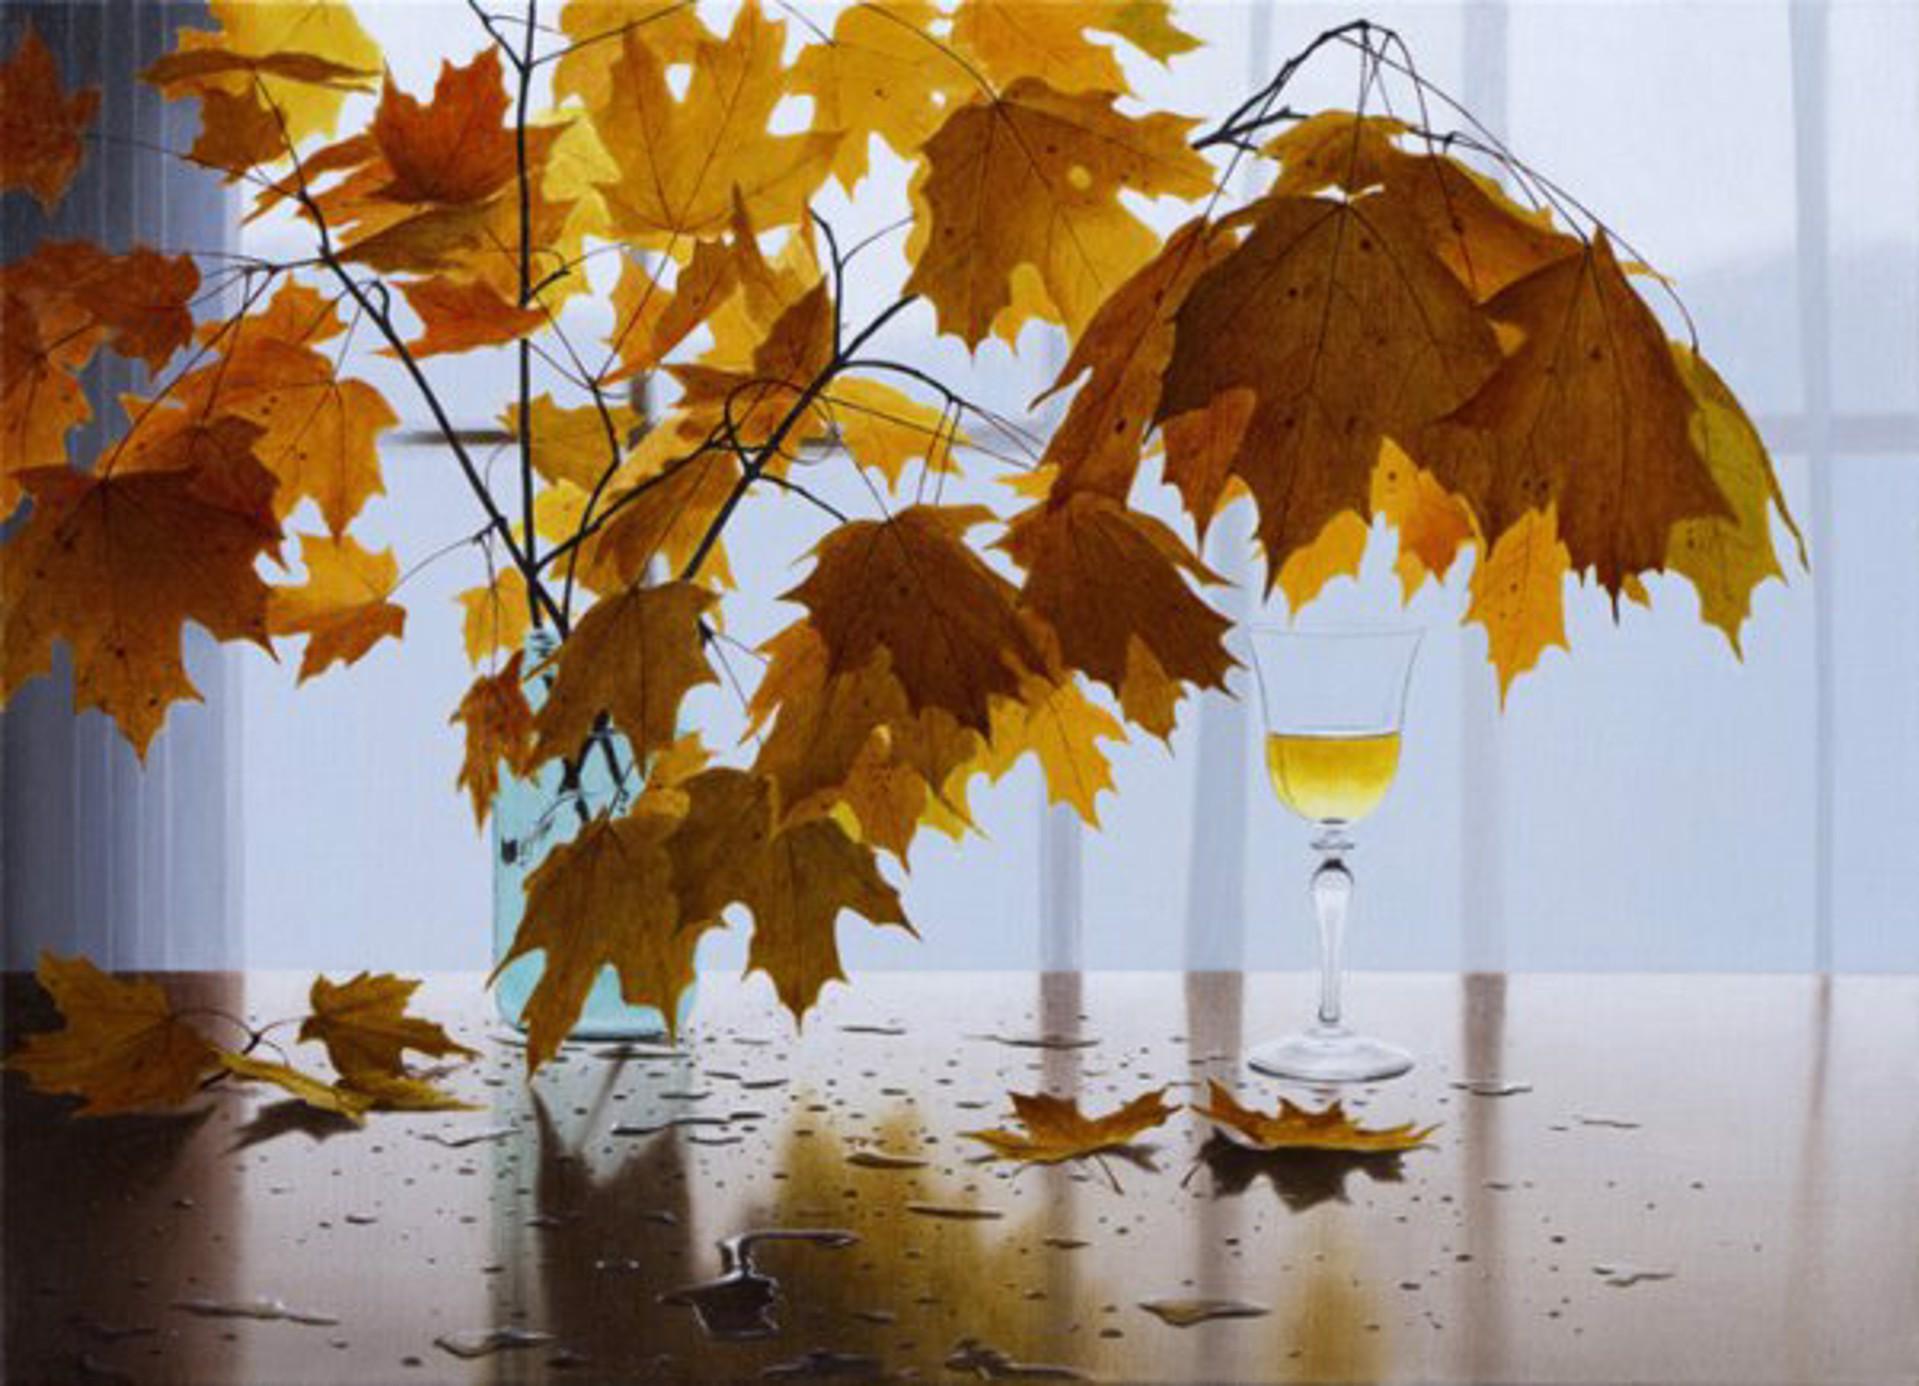 Autumn Wine by Alexander Volkov